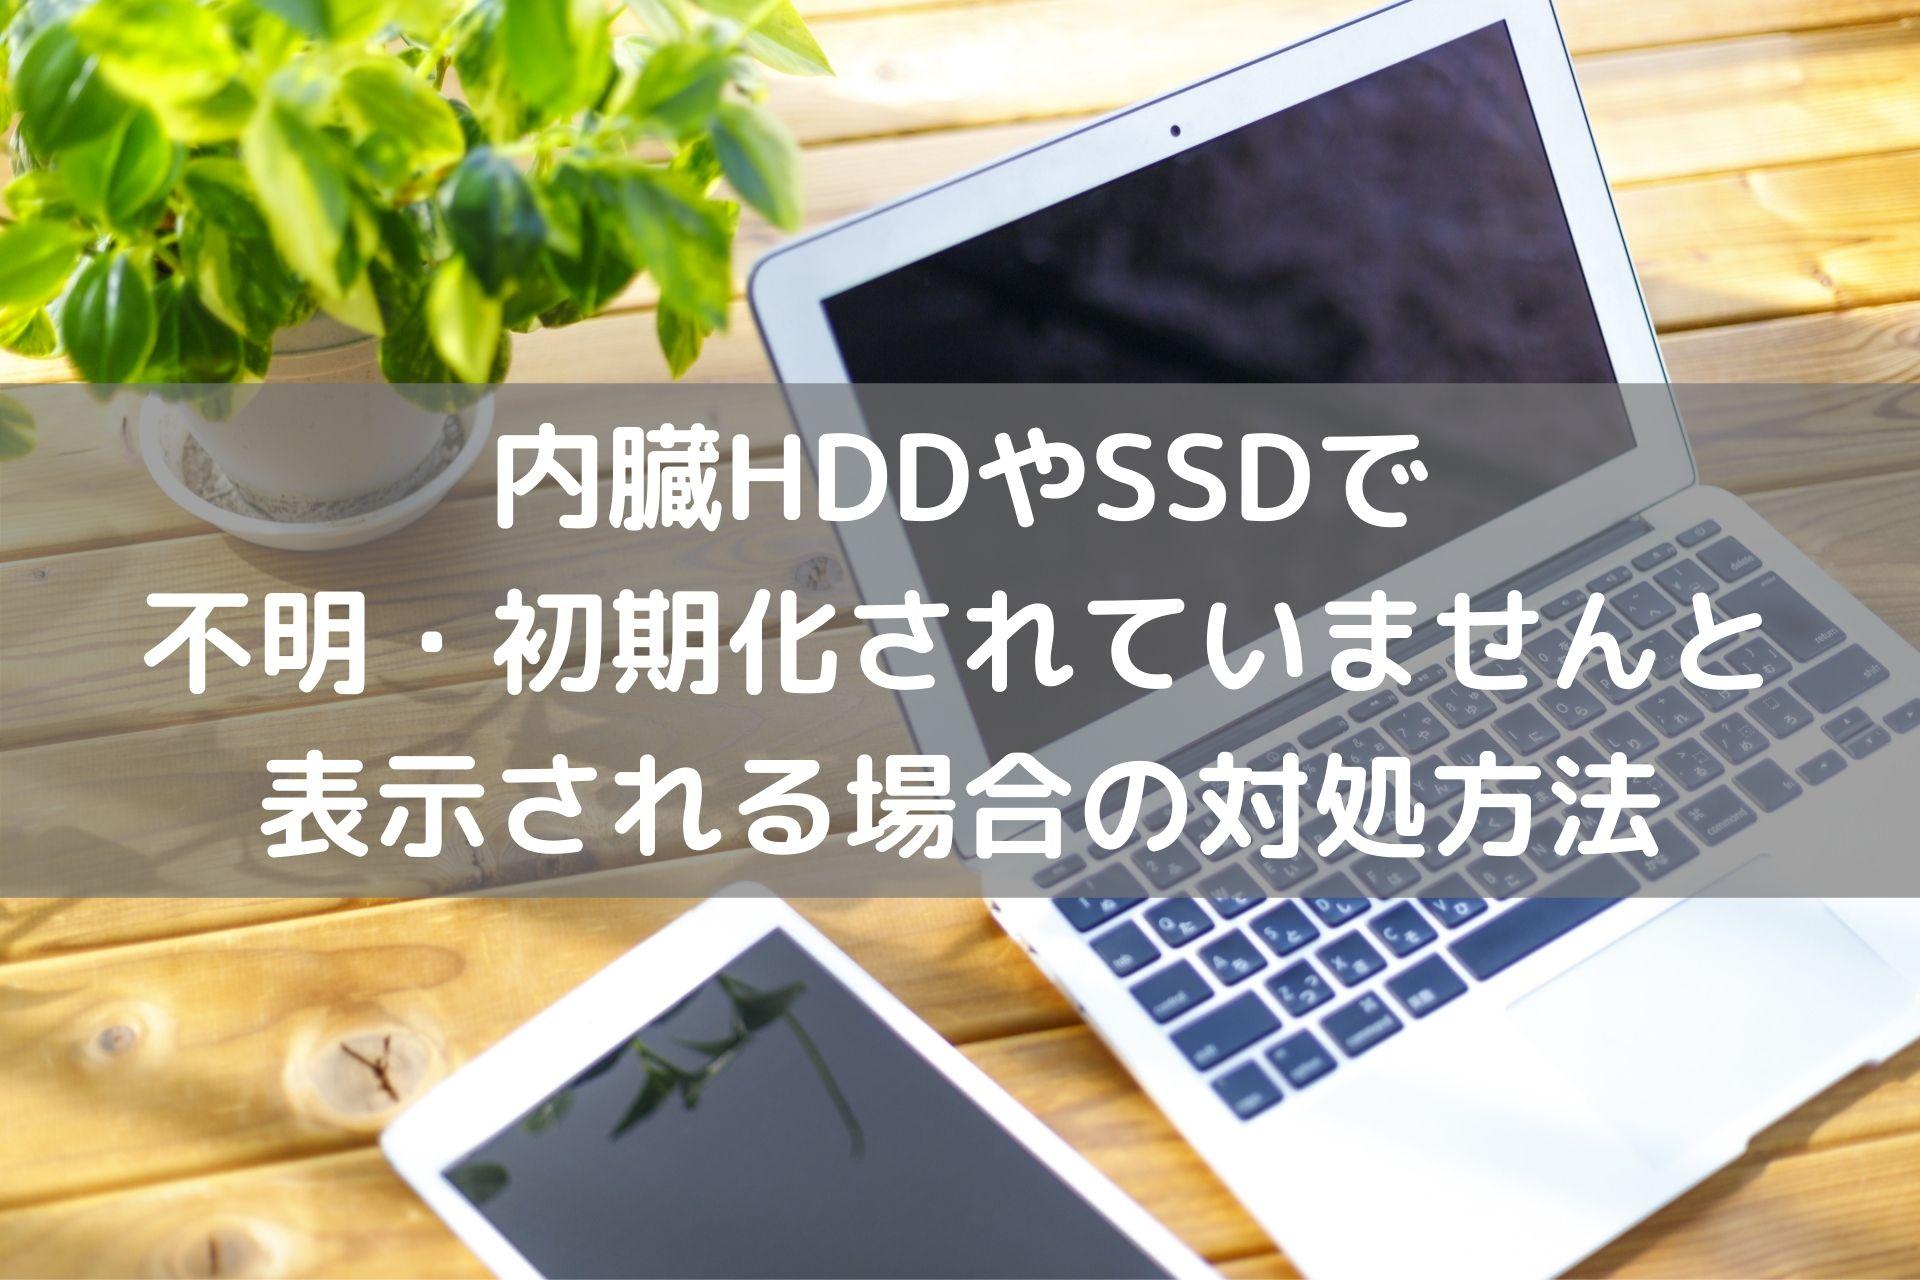 HDDやSSDが不明・初期化されていませんと表示される場合の対処方法